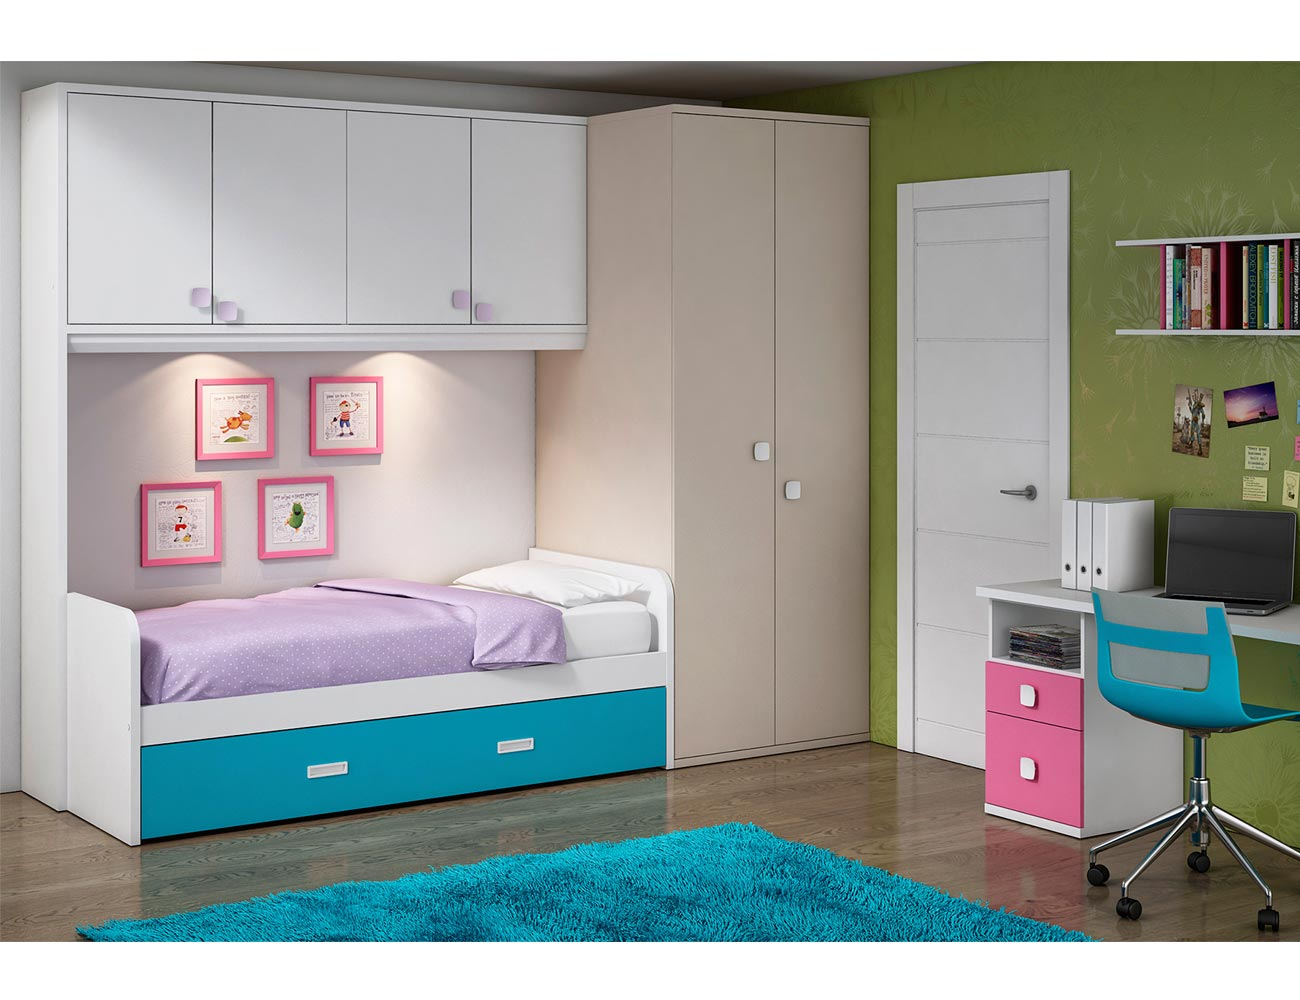 Dormitorio juvenil con puente y armario con superfondo - Dormitorios con armario ...